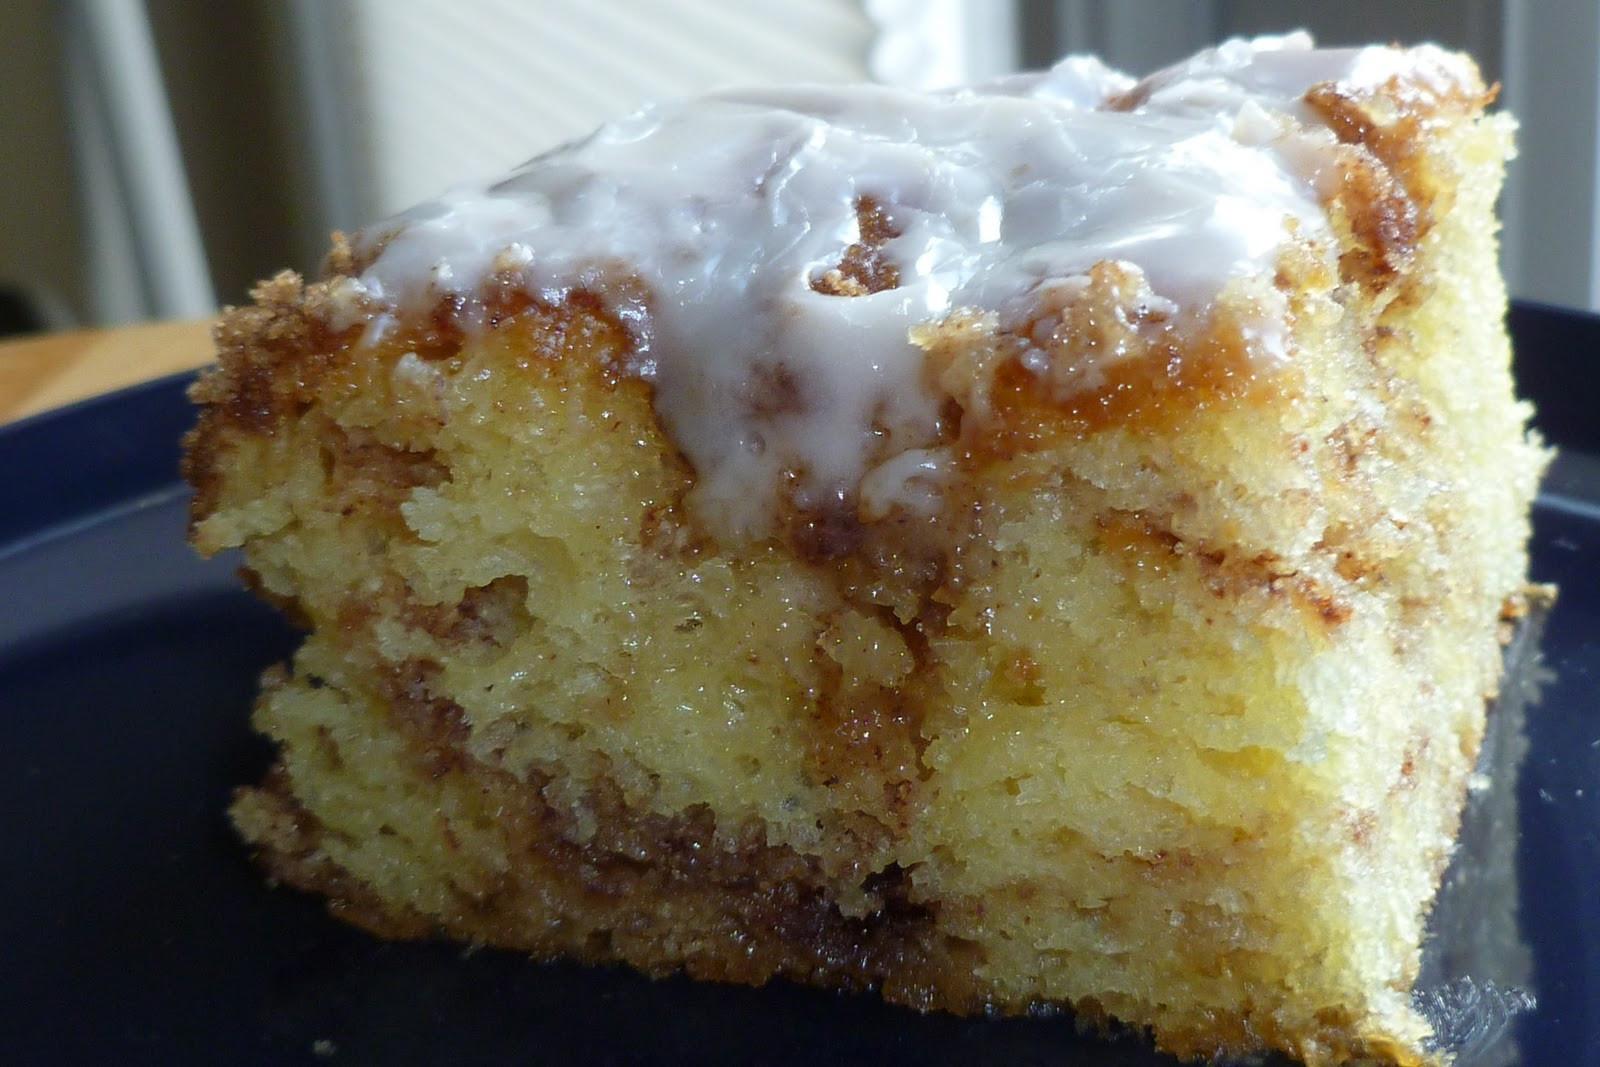 Recipe For Honeybun Cake  The Pastry Chef s Baking Honeybun Cake